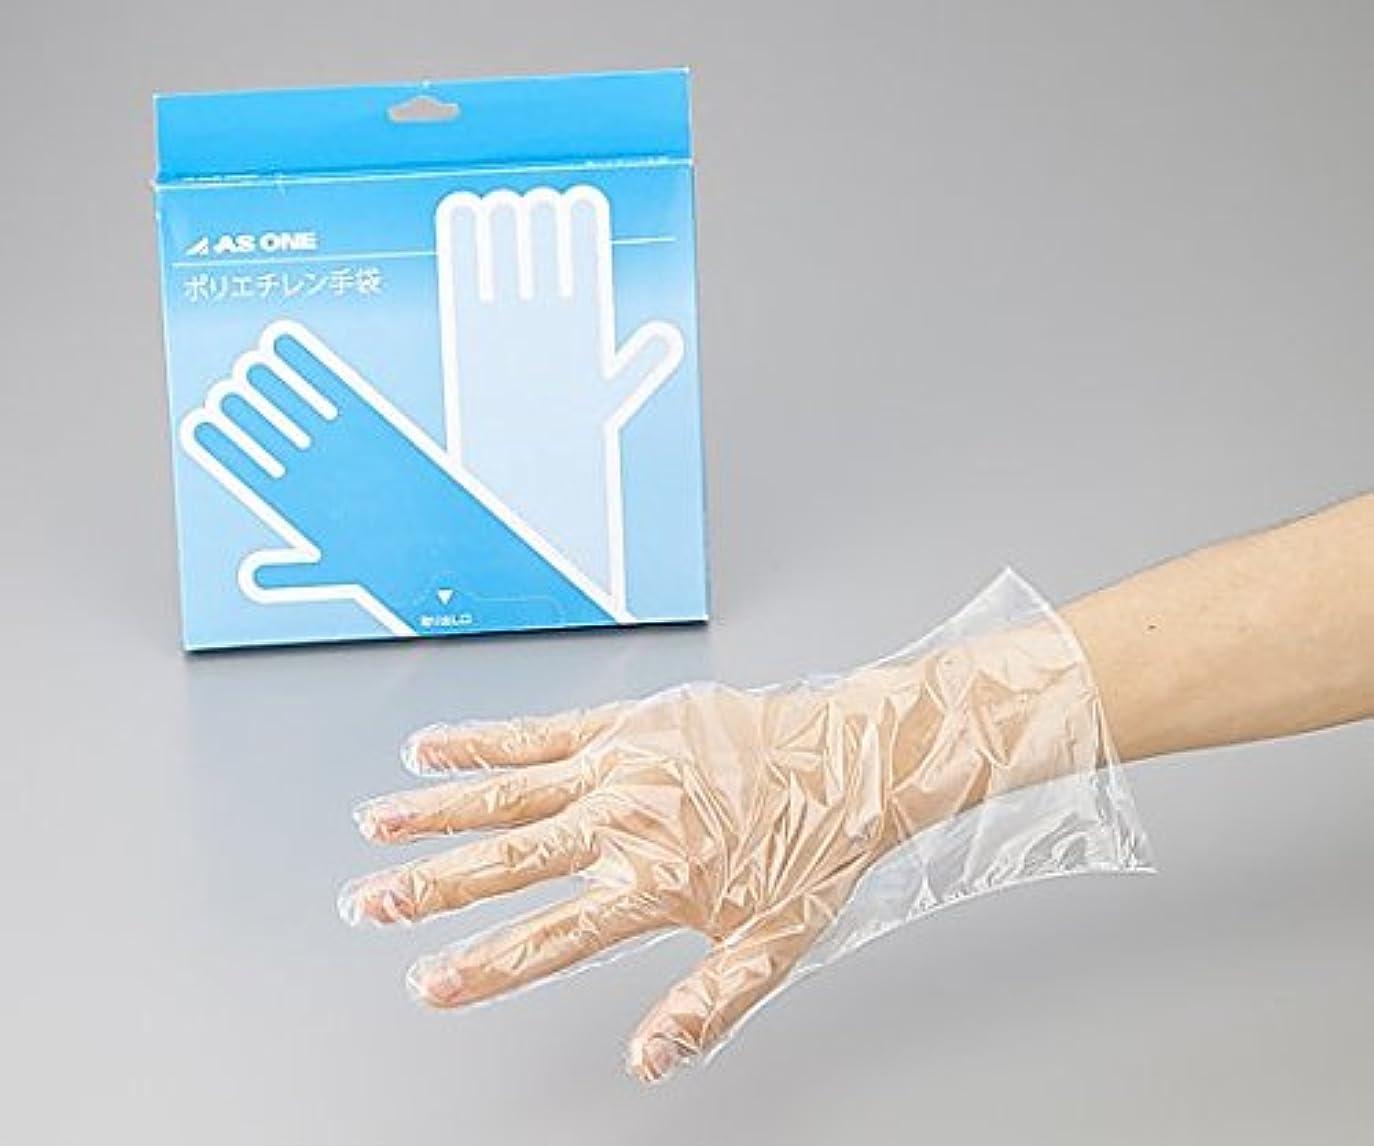 ホイップミスペンドメインアズワン2-4972-02ポリエチレン手袋エコノミー薄手M100枚入